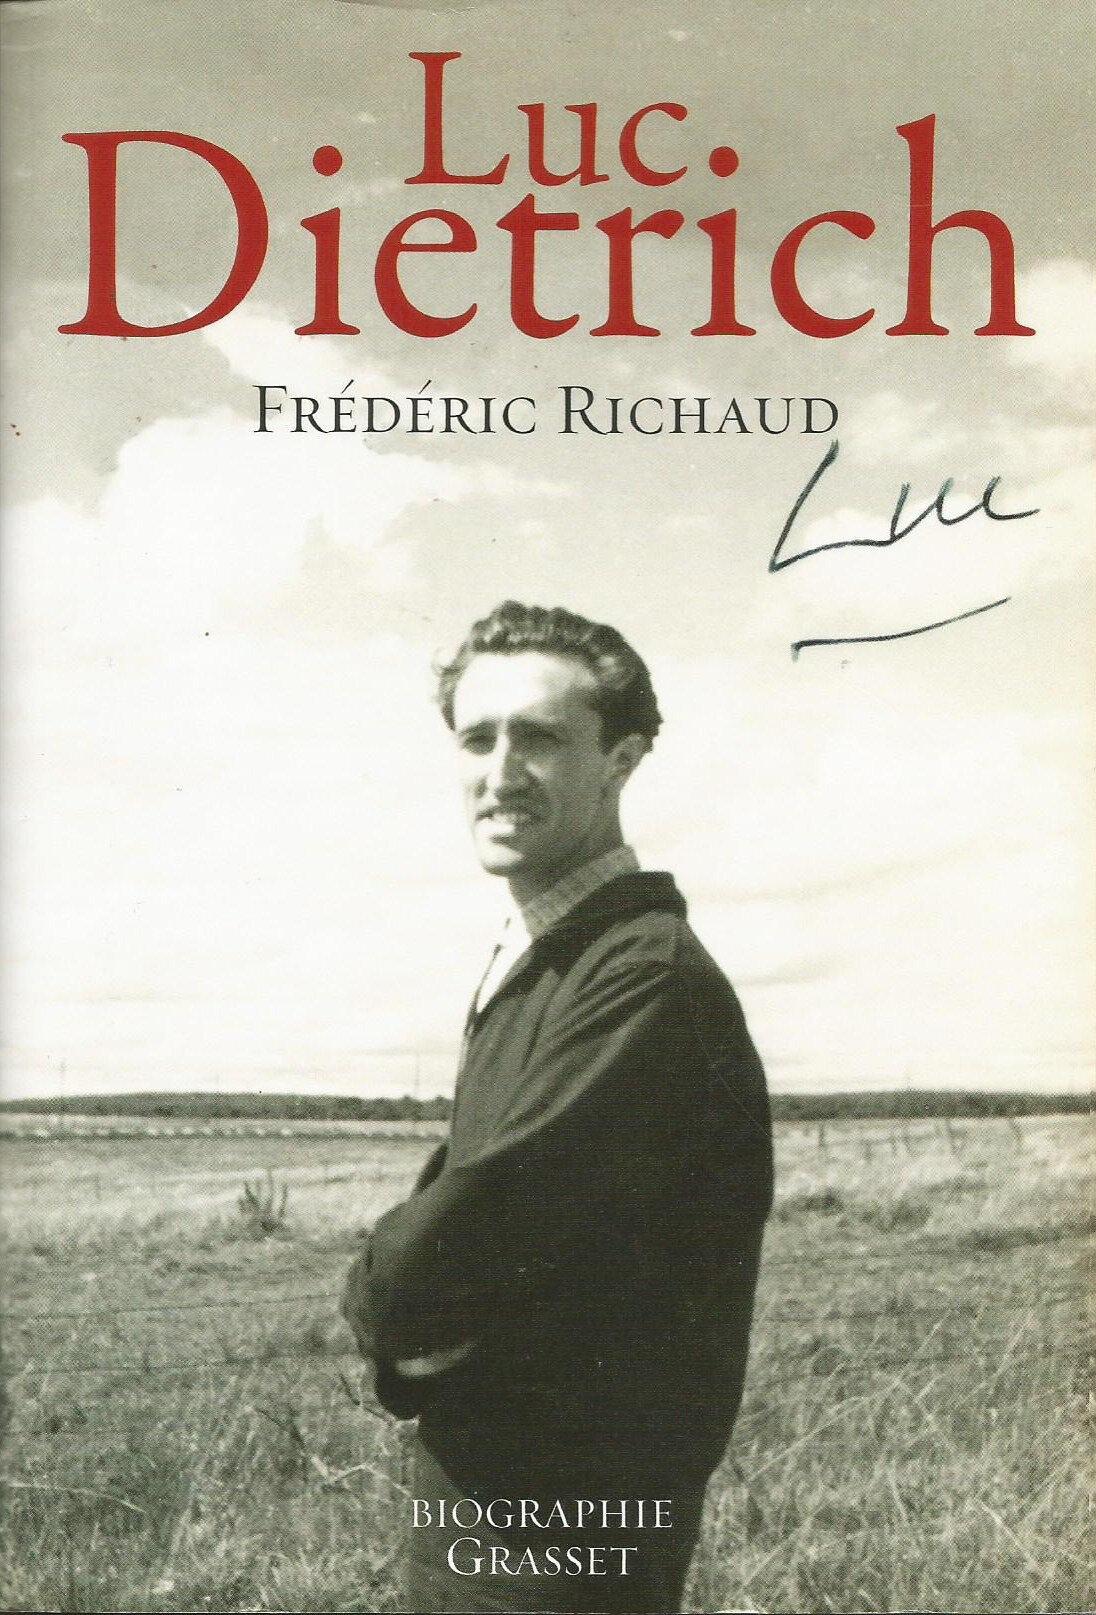 Luc Dietrich par Frédéric Richaud.